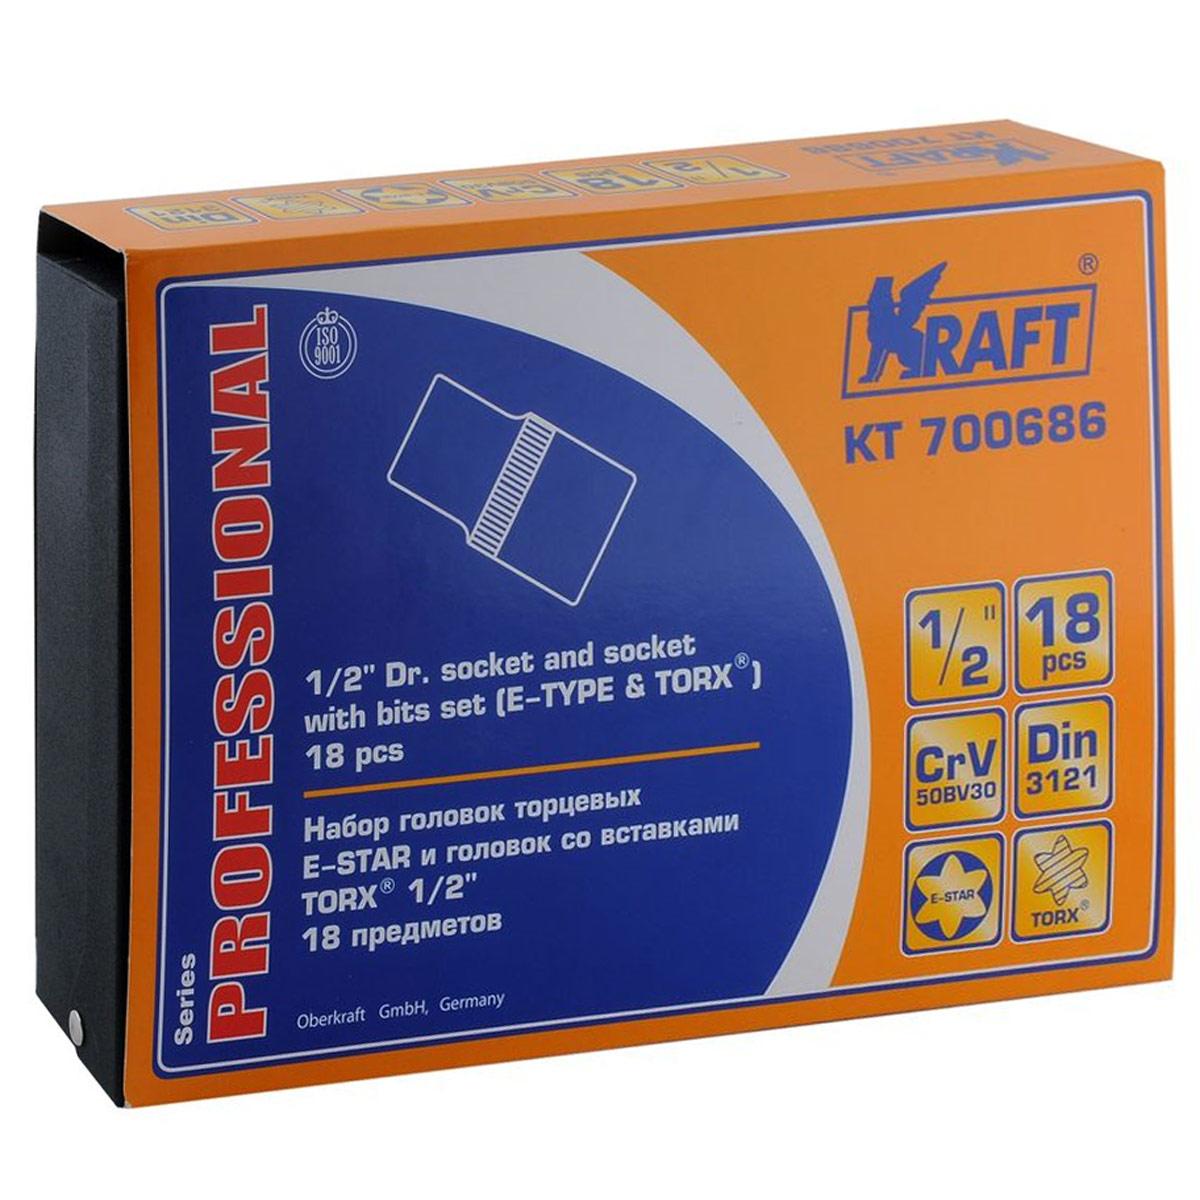 Набор торцевых головок Kraft Professional Е-star, со вставками Torx, 1/2, 18 предметов98298130В набор Kraft Professional входят торцевые головки с внутренним рабочим профилем Е-star, и внешним рабочим профилем Torx. Место для присоединительного квадрата 1/2.Состав набора:шестигранные торцевые головки E-Star 1/2: E10, E11, E12, E14, E16, E18, Е20, Е22, Е24;шестигранные торцевые головки Torx 1/2: Т20, T25, T30, T40, T45, T50, Т55, Т60, Т70. Торцевые головки Kraft Professional изготовлены из хромованадиевой стали марки 50BV30 со специальным трехслойным покрытием, обеспечивающим долговременную защиту от механических повреждений.